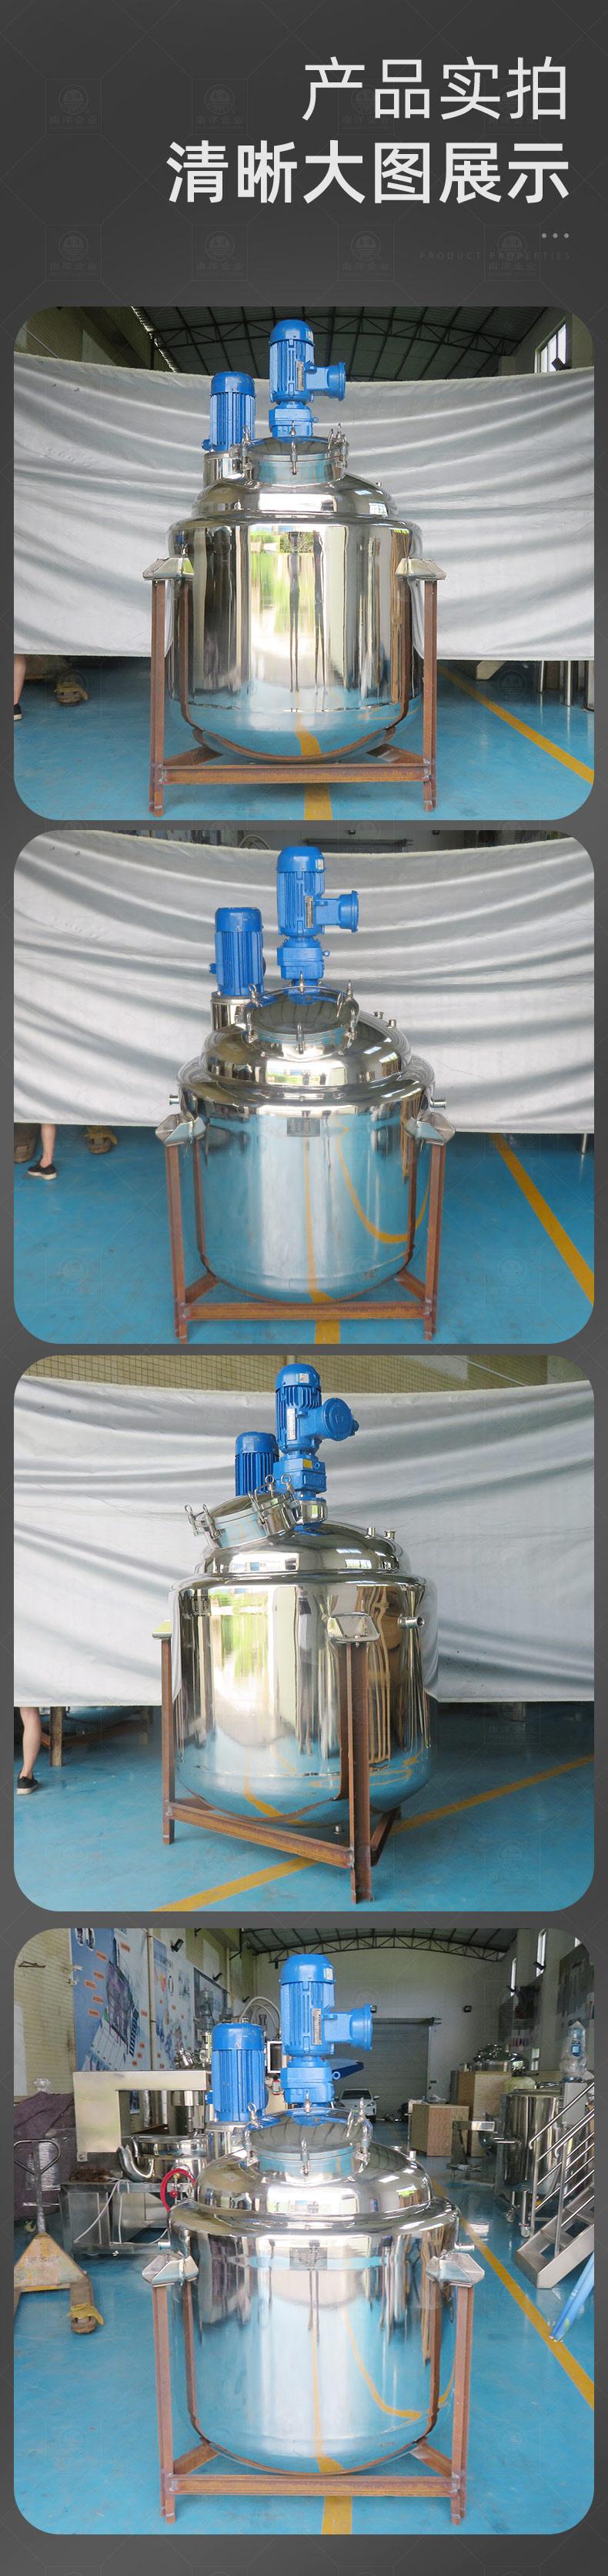 南洋反应釜-搅拌分散_07.jpg